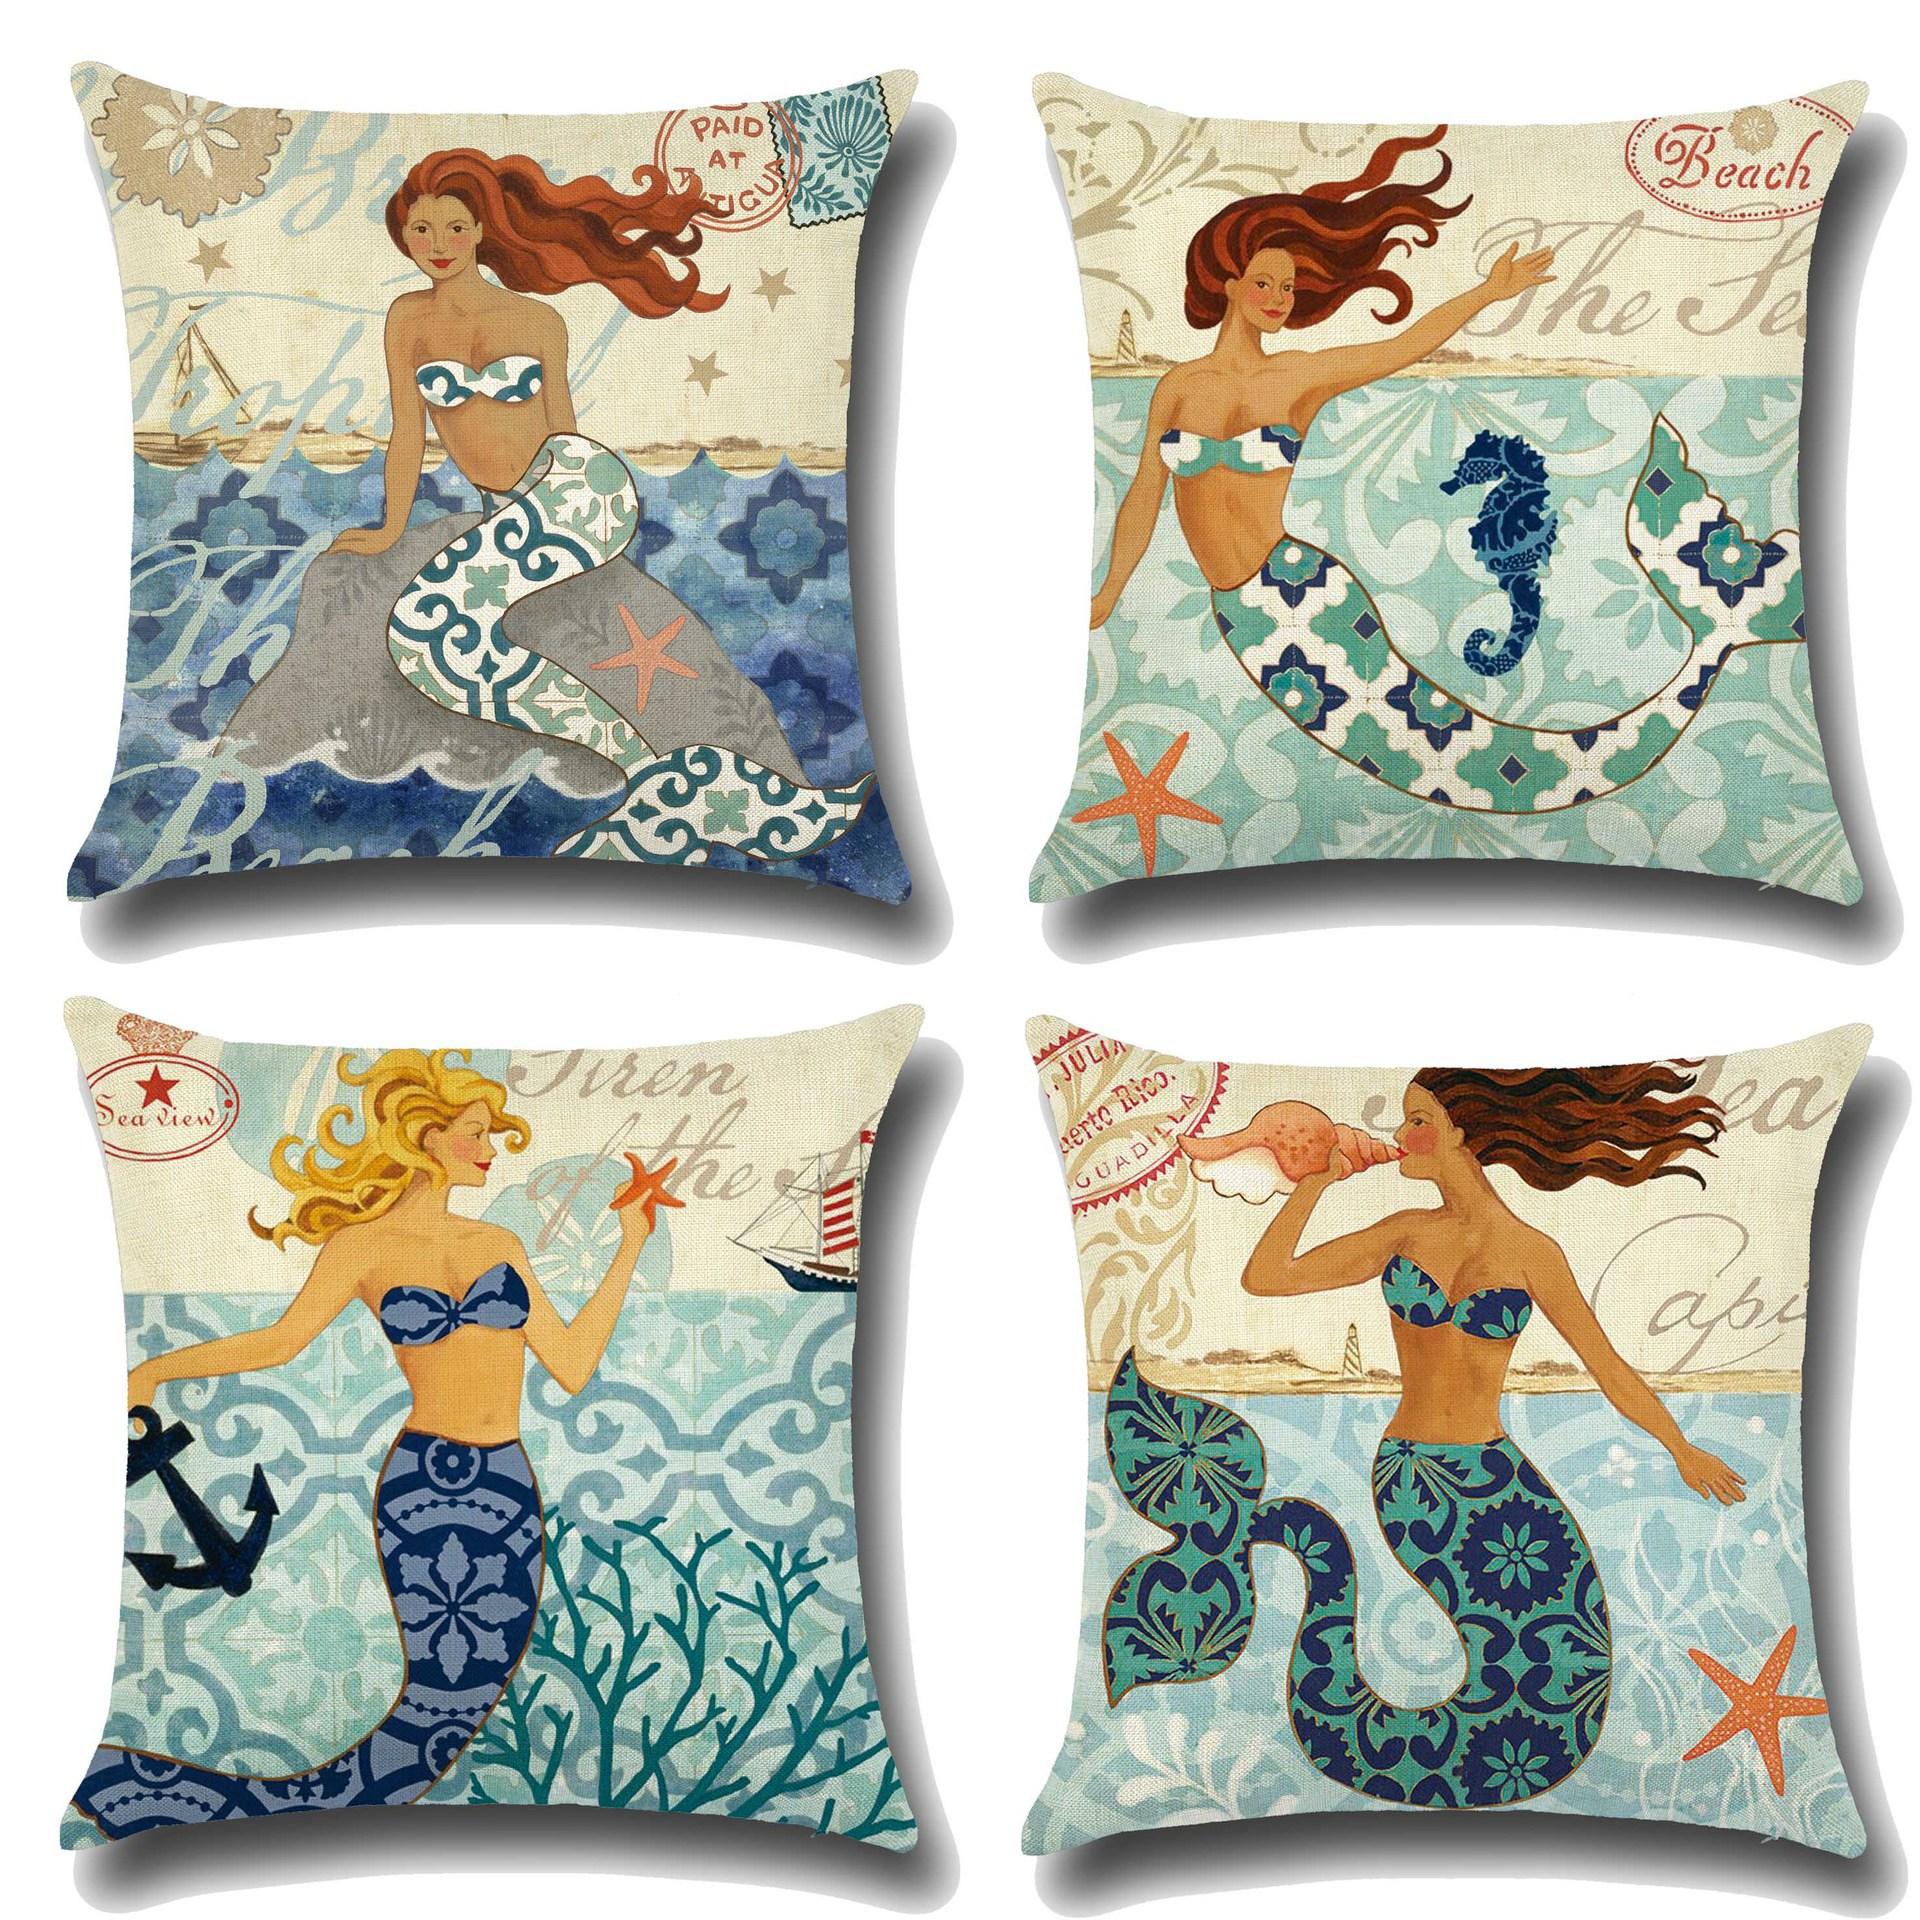 Hand-Painted European Classical Mermaid Prints Cushion Cover Linen Throw Pillow Car Home Decoration Decorative Pillowcase